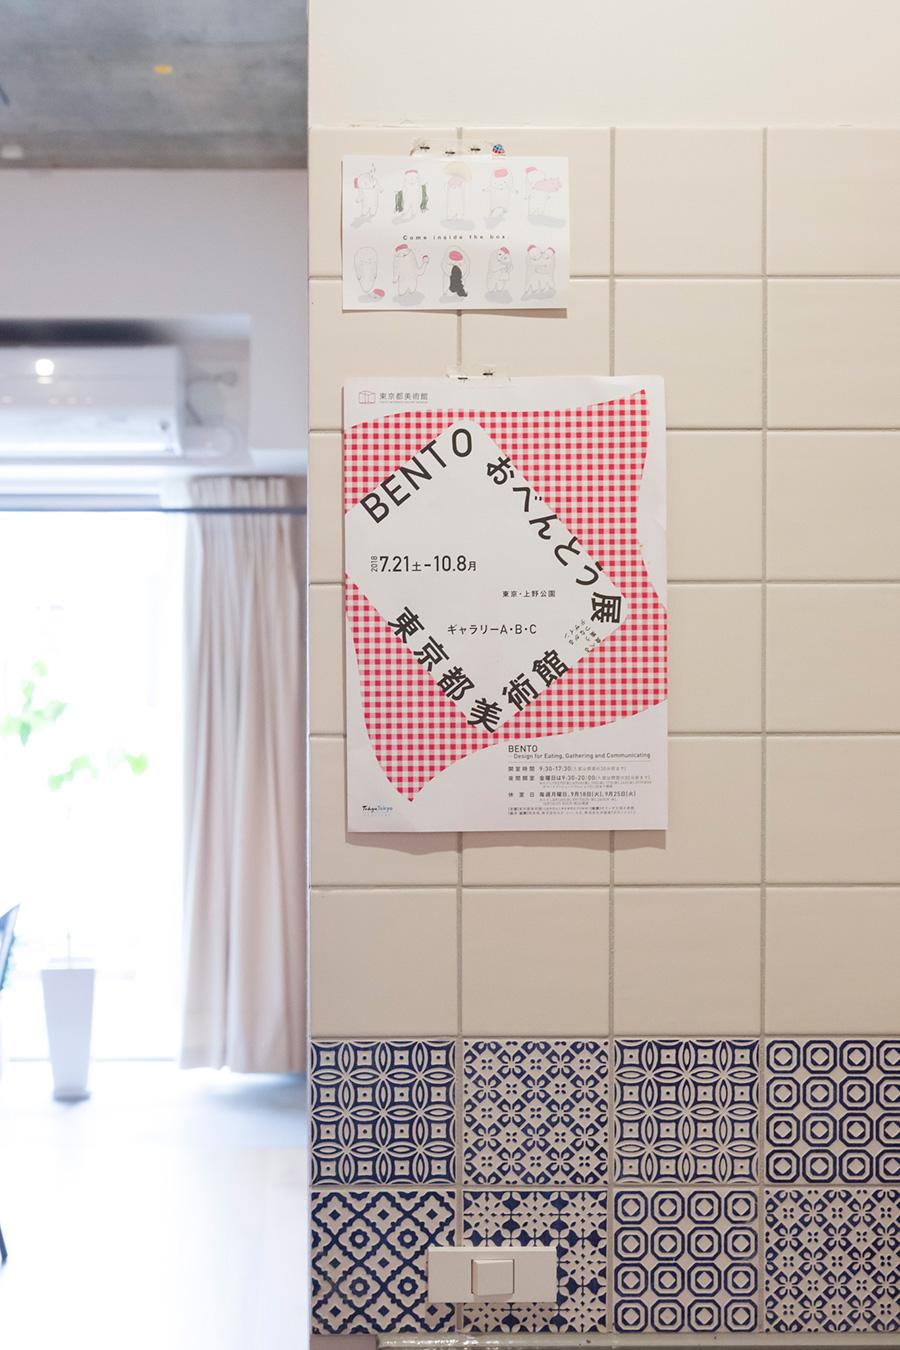 キッチンのタイルは名古屋モザイク工業のもの。